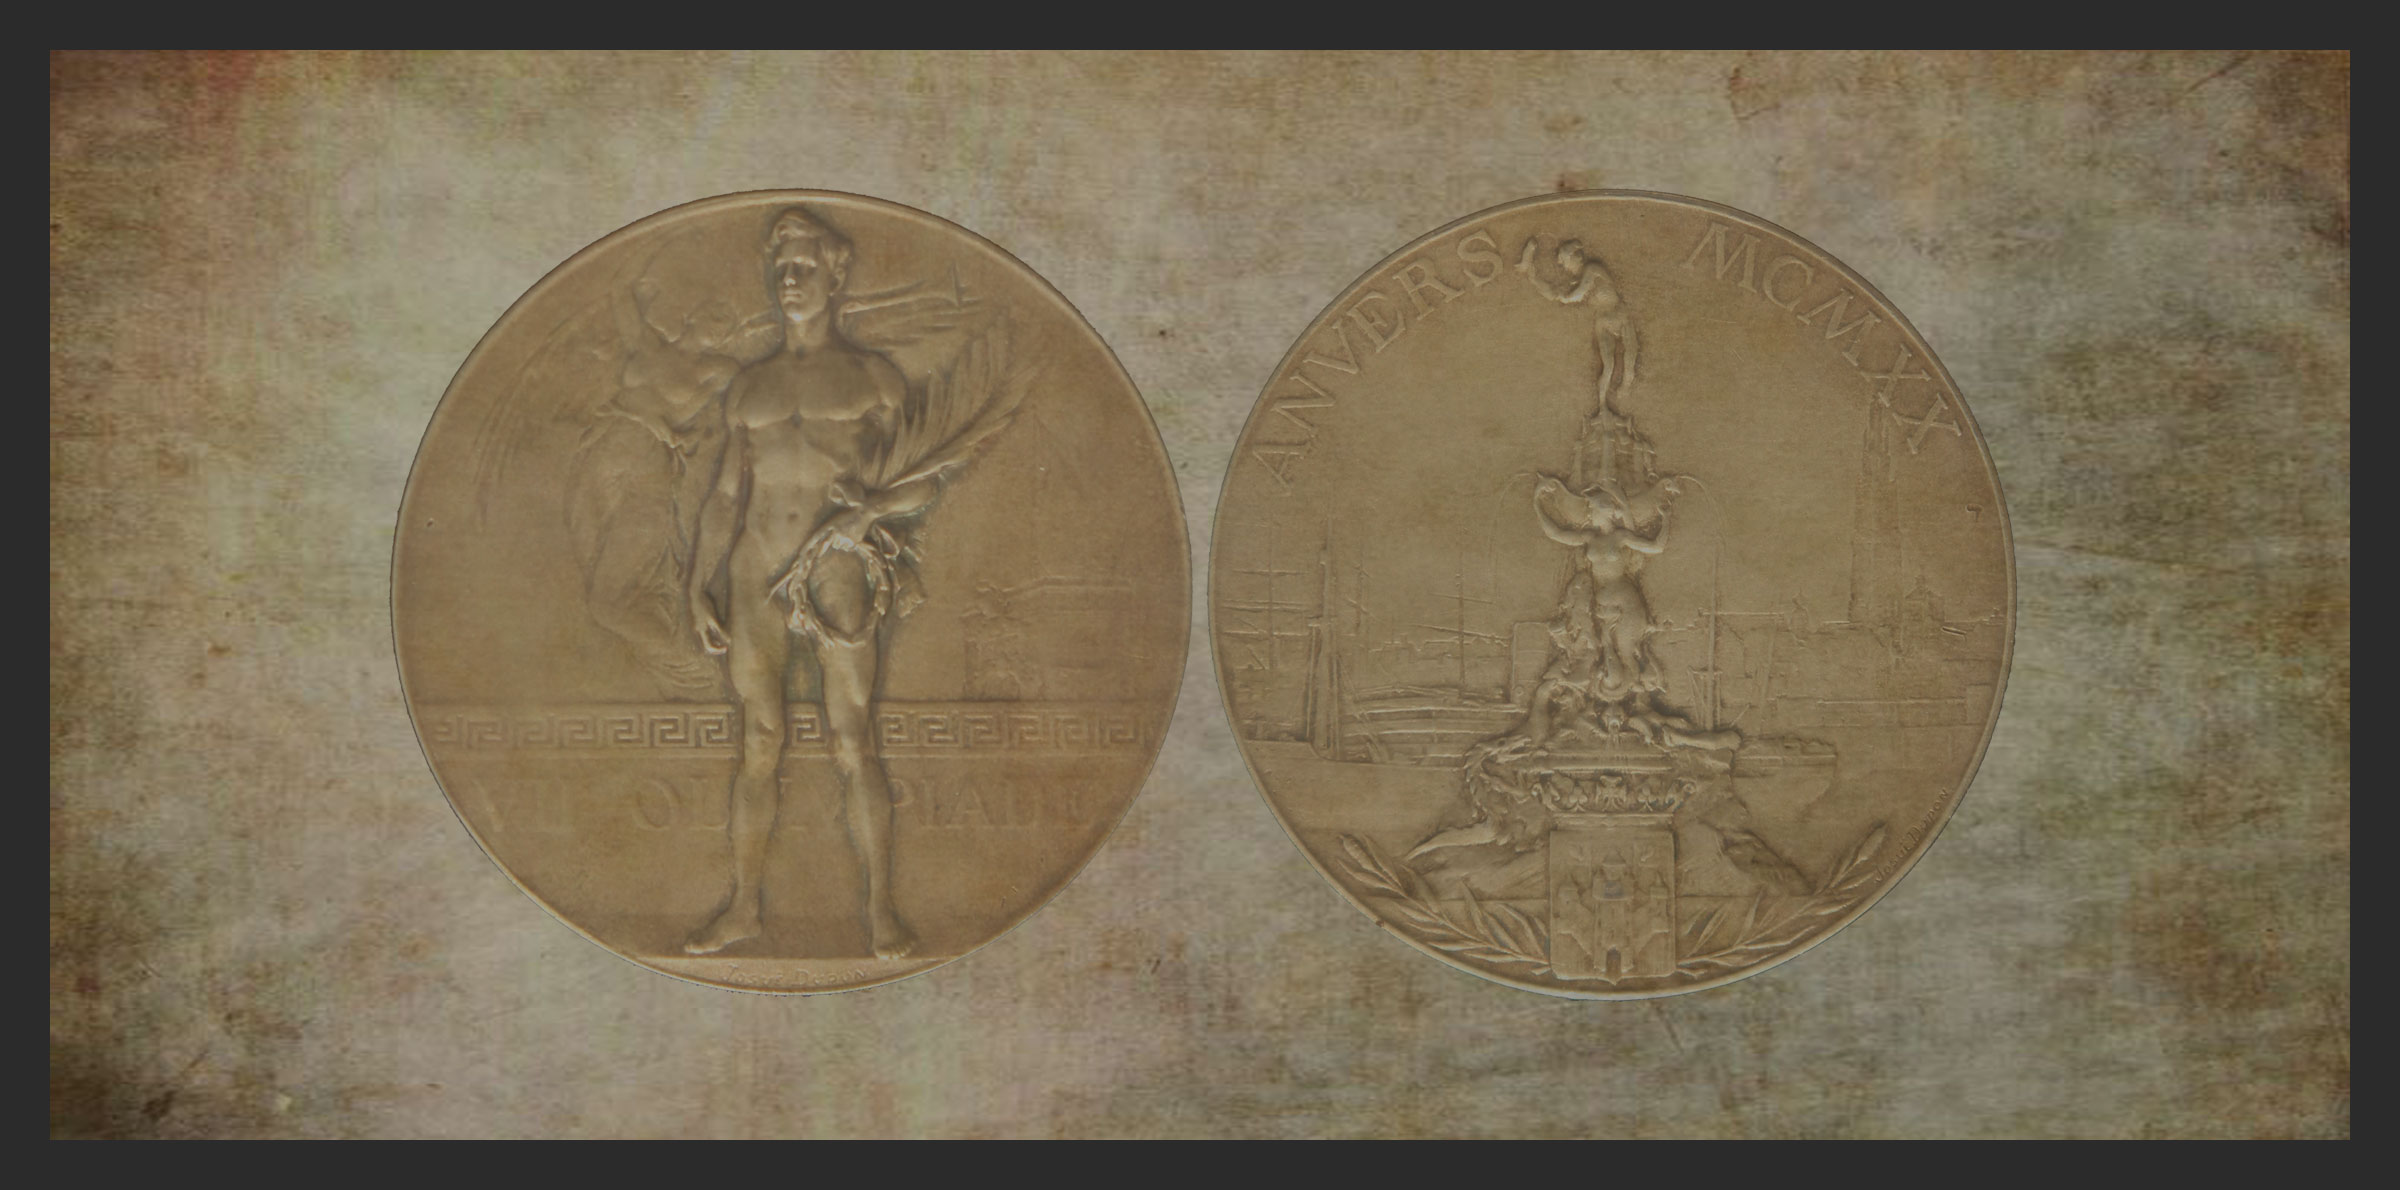 Stefanie Fryland Clausen Gold Medal 1920 Olympic Games Antwerp Belgium